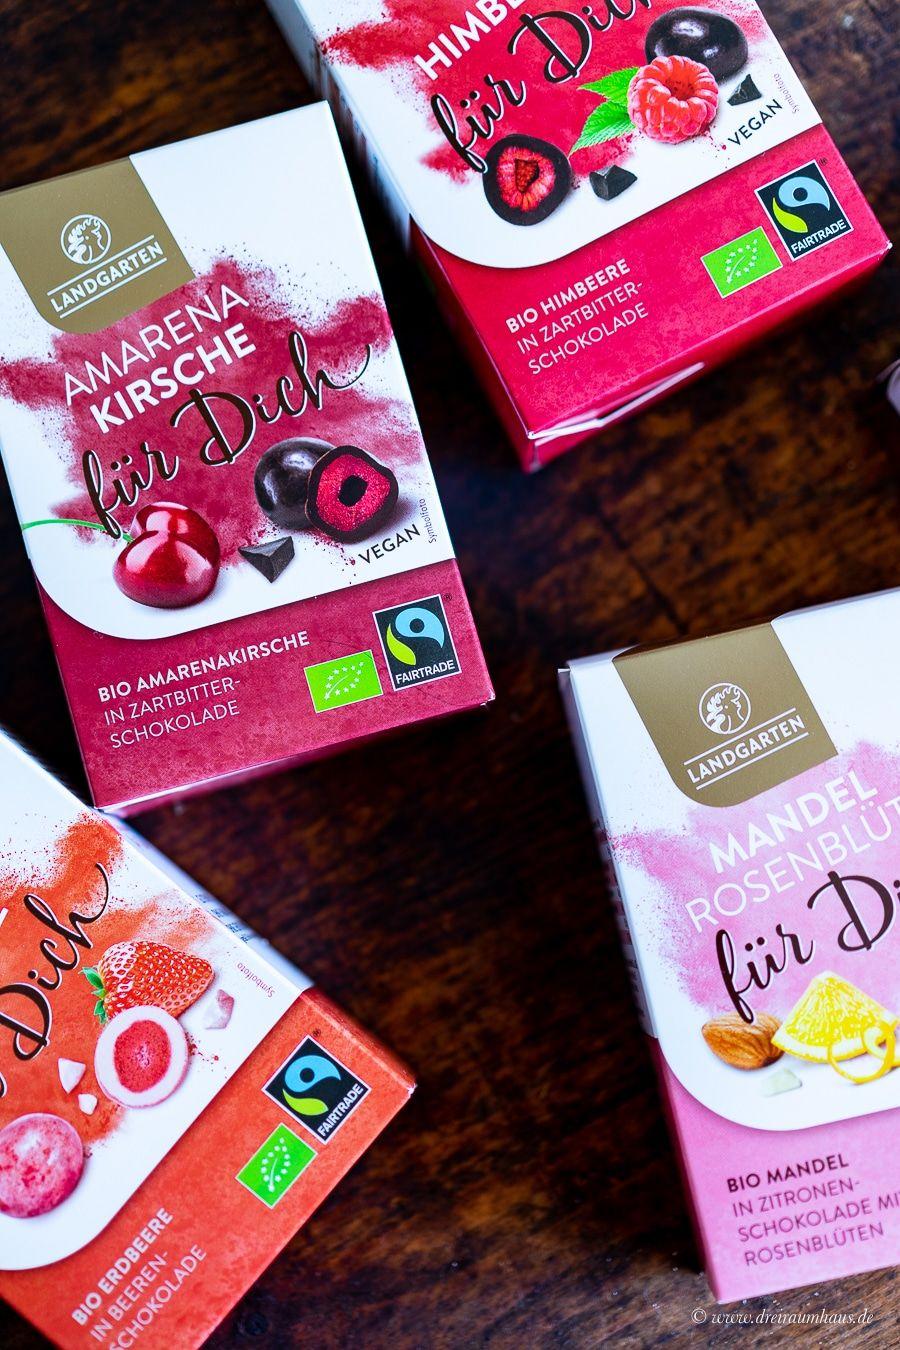 Warum Schokogenuss Bio und Fairtrade verdammt lecker sein kann! Meine neuen Schoko-Favoriten von Landgarten!